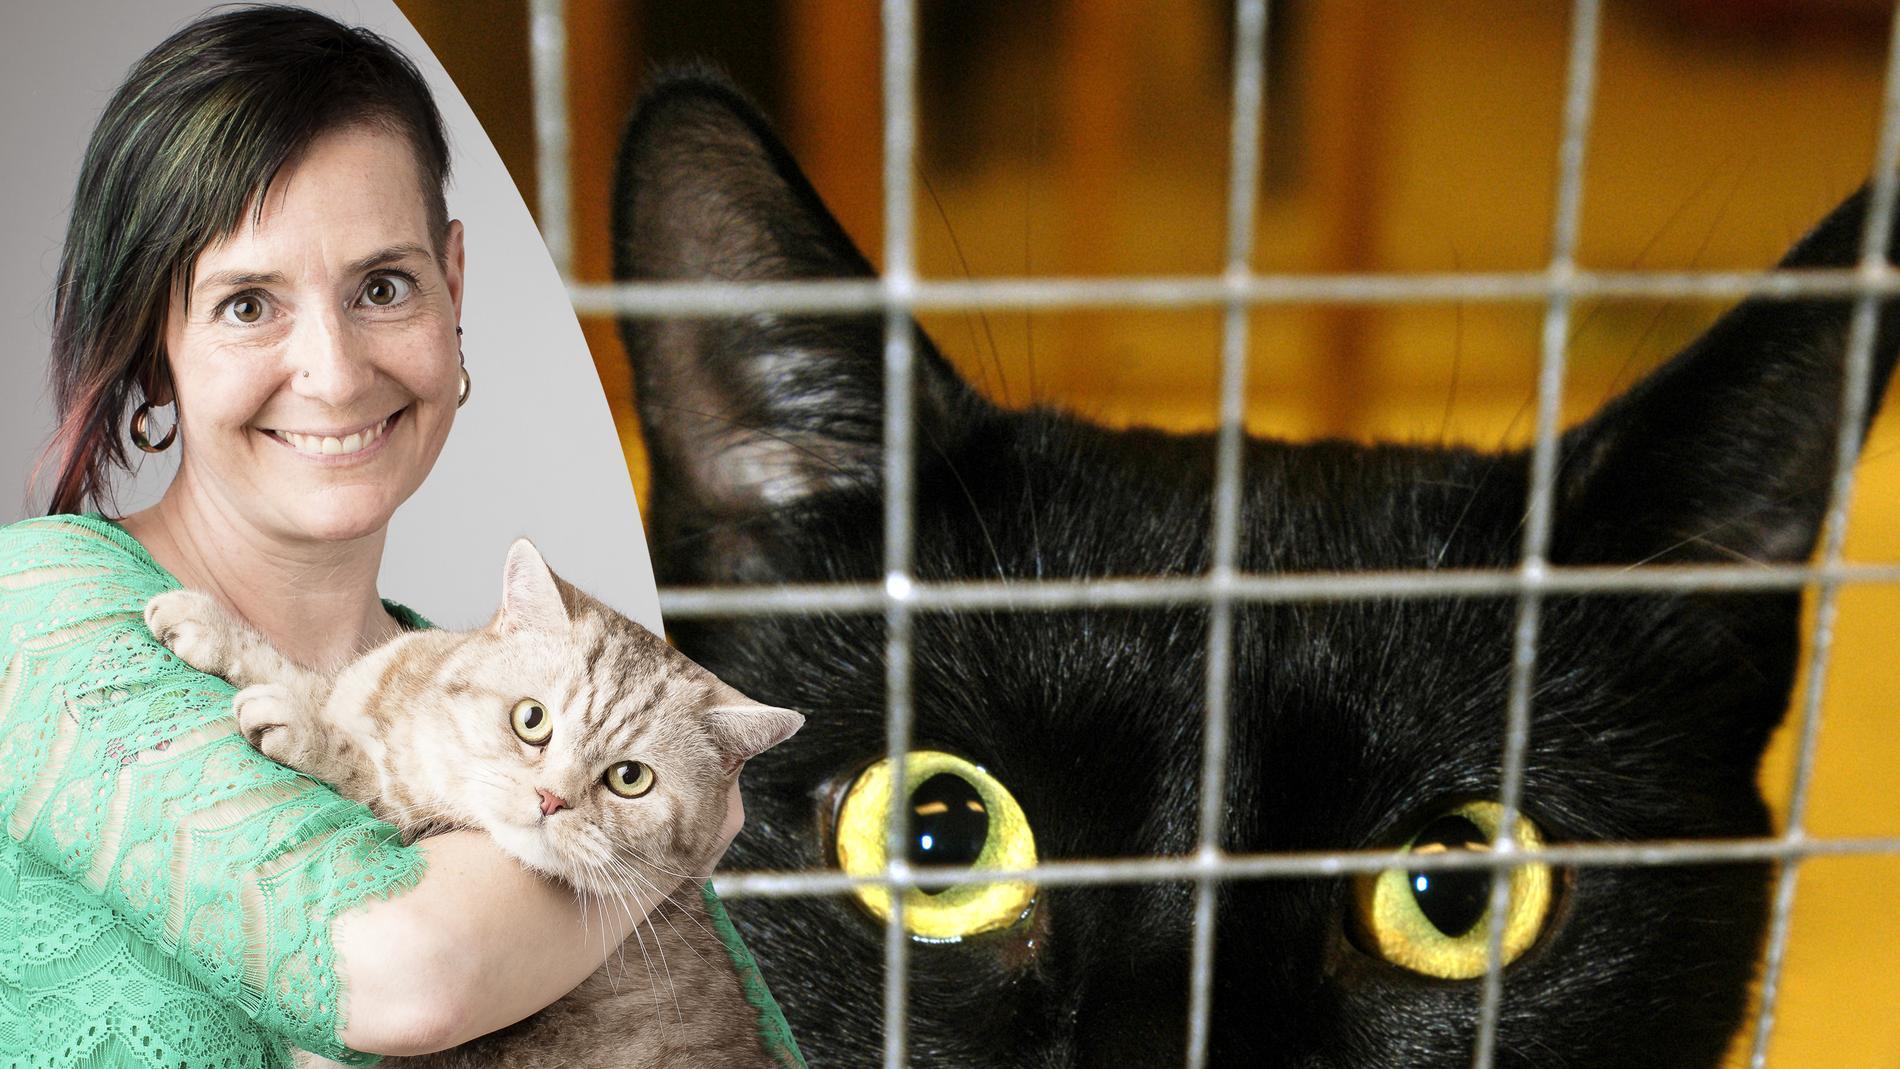 Katterna har ingen egen rösträtt, men vi som älskar dem har det. Låt det märkas, skriver Åsa Hagelstedt.